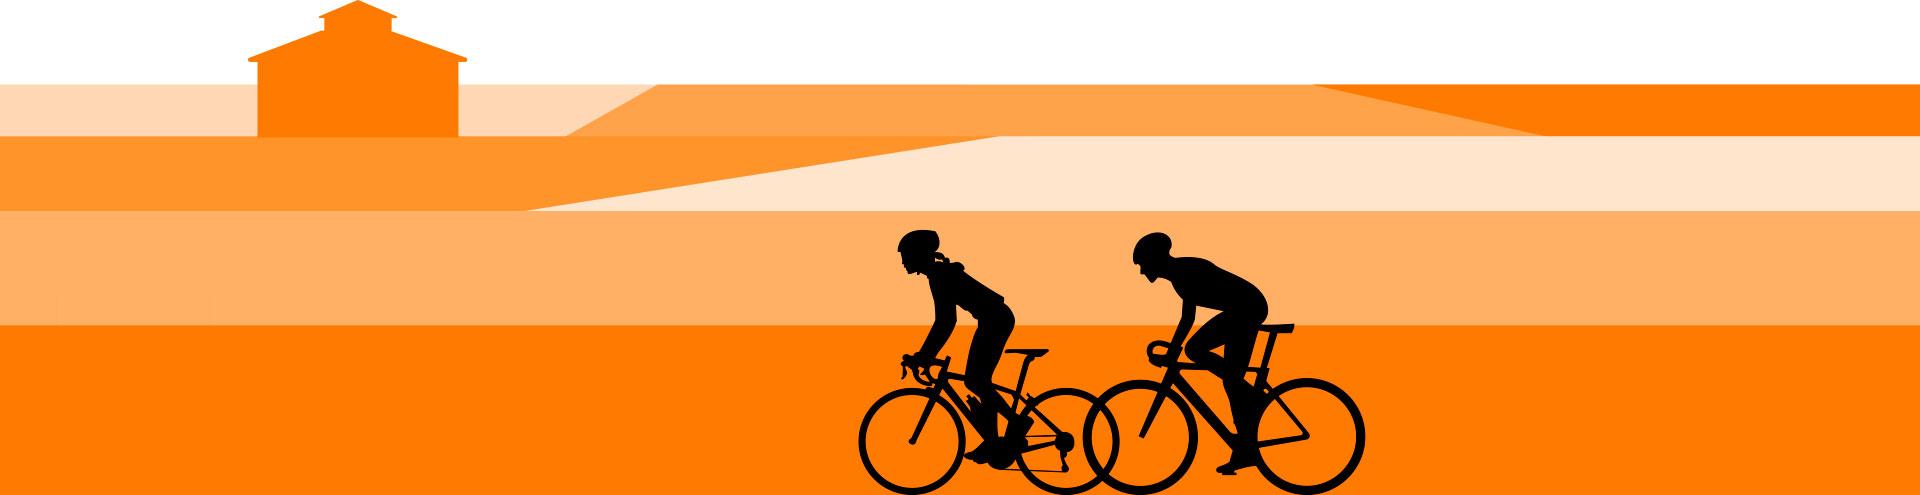 Bicicletas con palomar de fondo